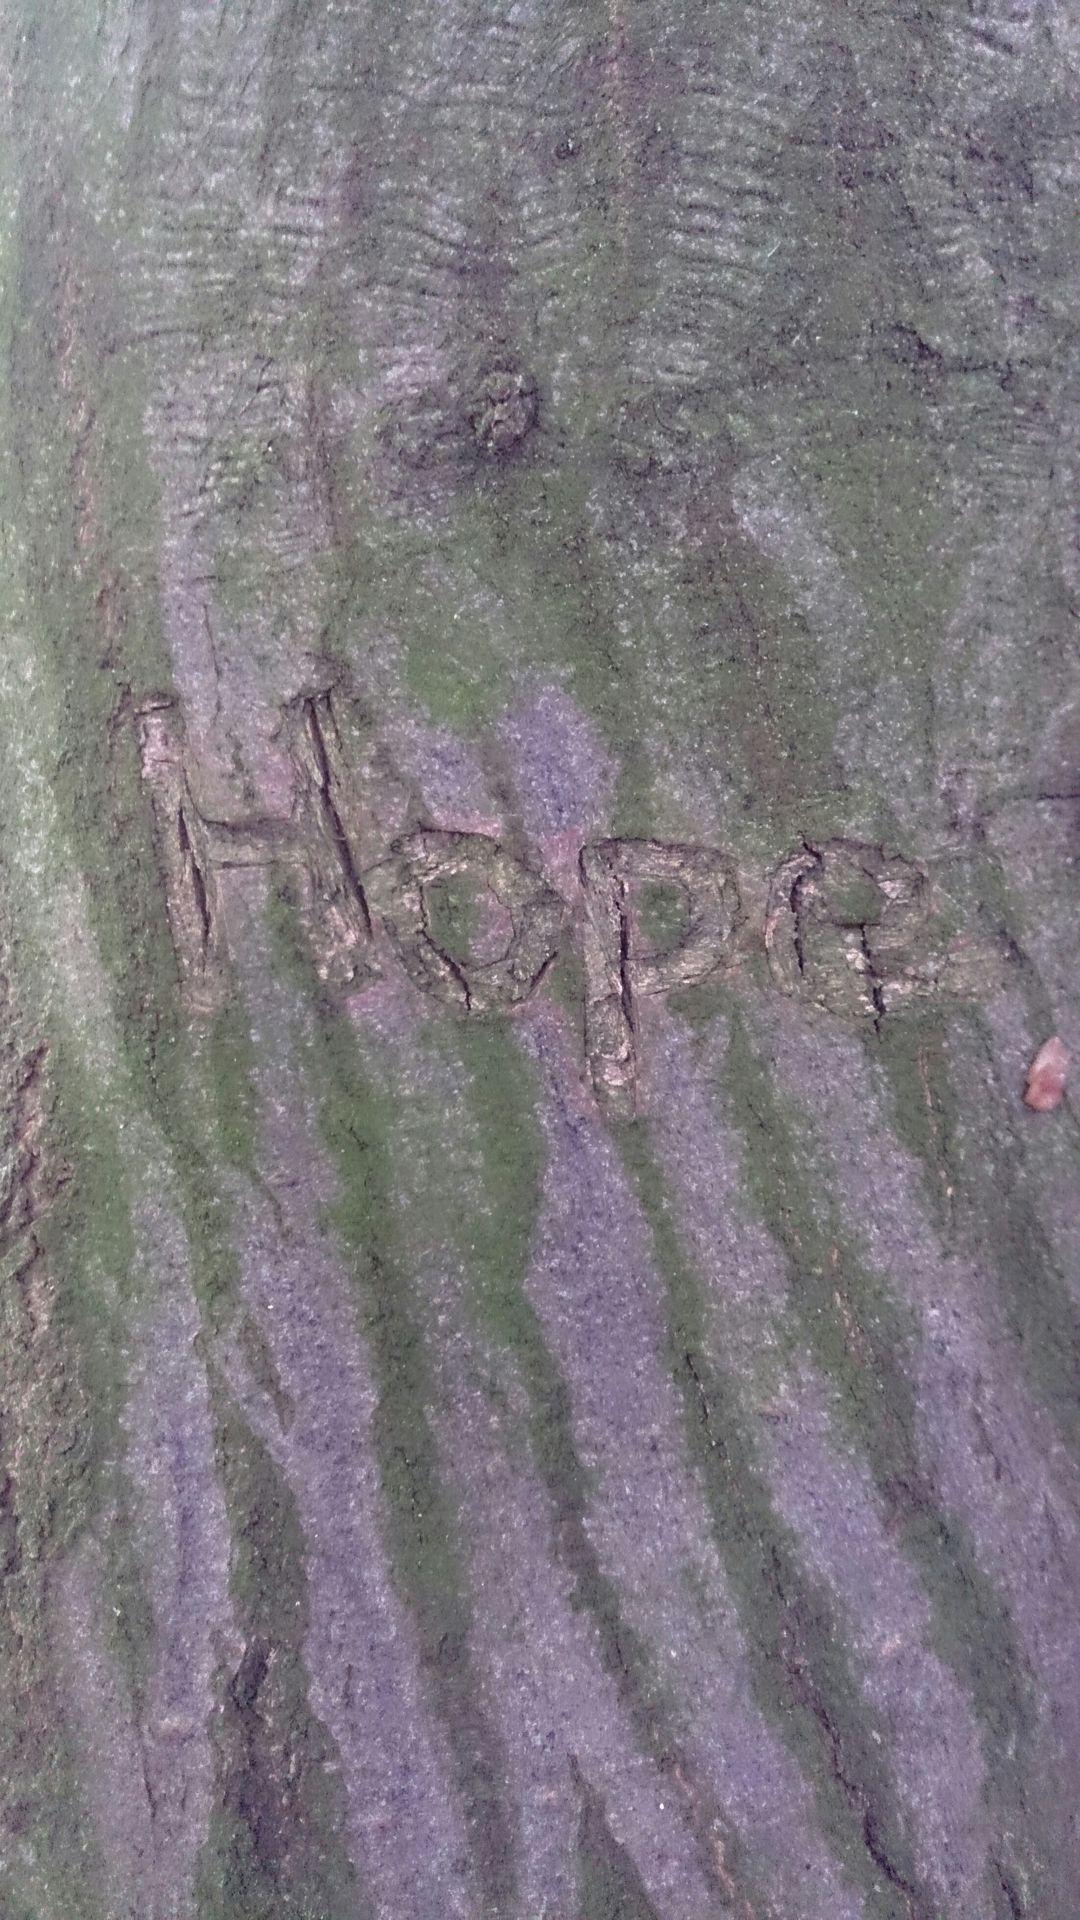 Gedichte Texte Gedanken Bäume Machen Glücklich Wattpad